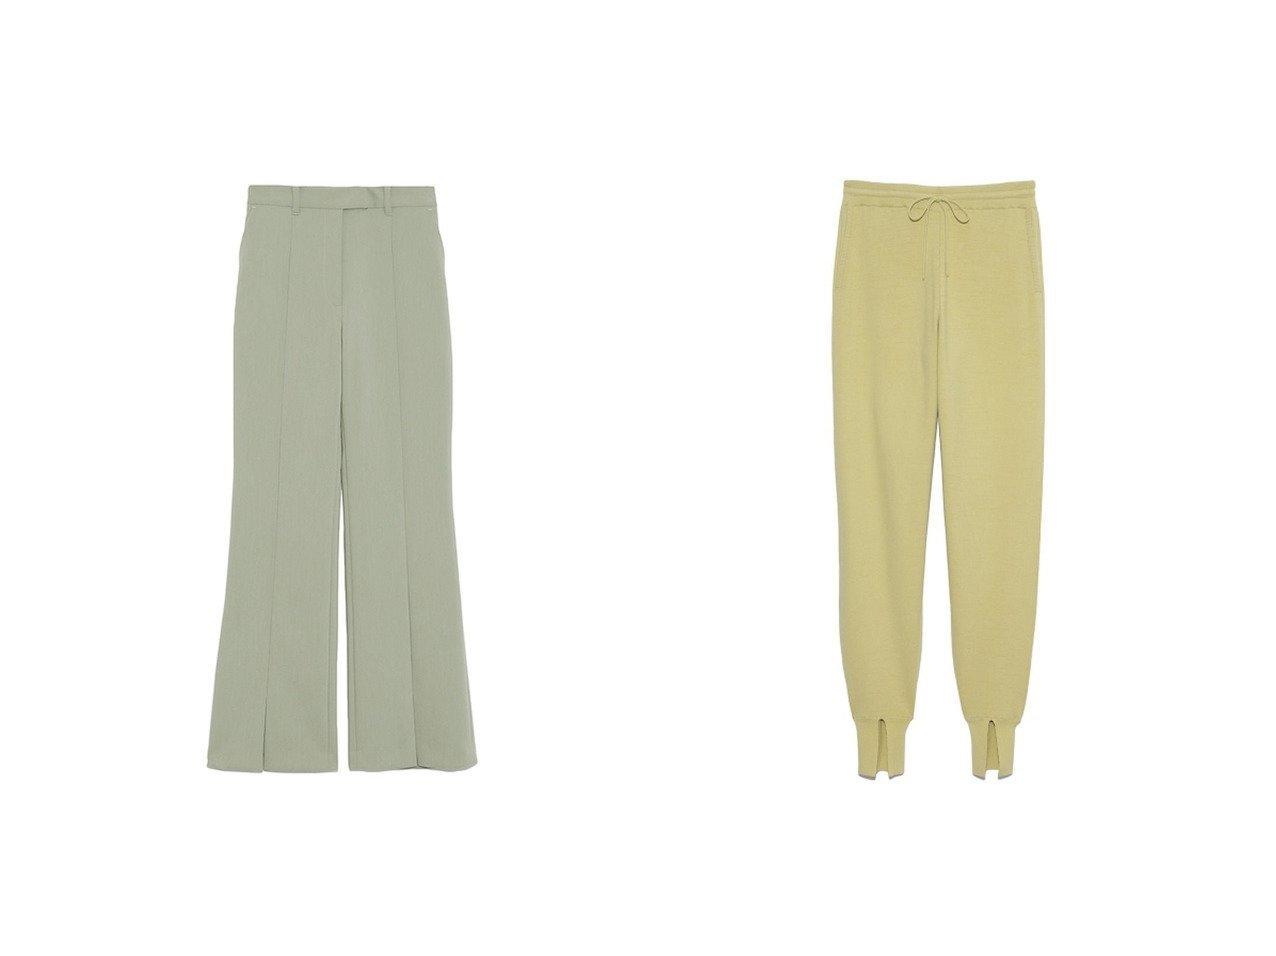 【Mila Owen/ミラオーウェン】の3点SETスーツPT&【Lily Brown/リリーブラウン】のニットジョガーパンツ パンツのおすすめ!人気、トレンド・レディースファッションの通販 おすすめで人気の流行・トレンド、ファッションの通販商品 メンズファッション・キッズファッション・インテリア・家具・レディースファッション・服の通販 founy(ファニー) https://founy.com/ ファッション Fashion レディースファッション WOMEN パンツ Pants ジャケット スマート スリット スーツ フロント アクリル 春 Spring セットアップ ポケット マニッシュ 2021年 2021 S/S 春夏 SS Spring/Summer 2021 春夏 S/S SS Spring/Summer 2021 |ID:crp329100000015266